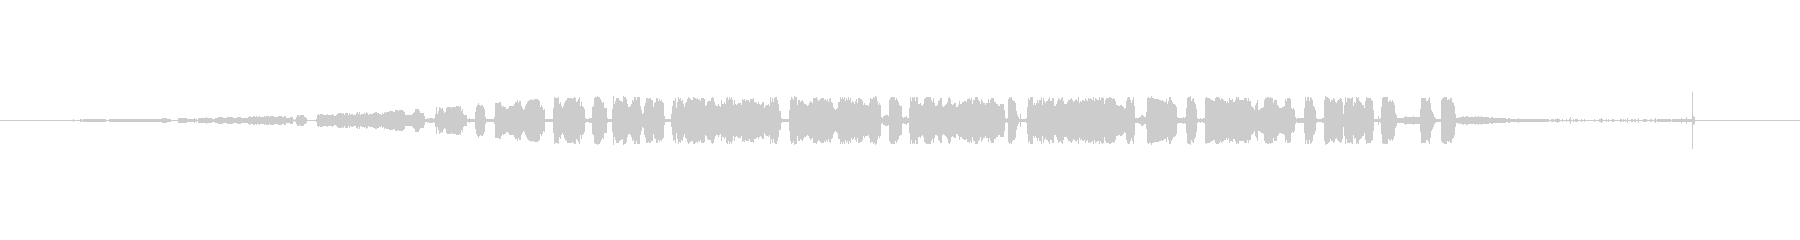 サーカス音楽の奇妙な小さな断片。の未再生の波形